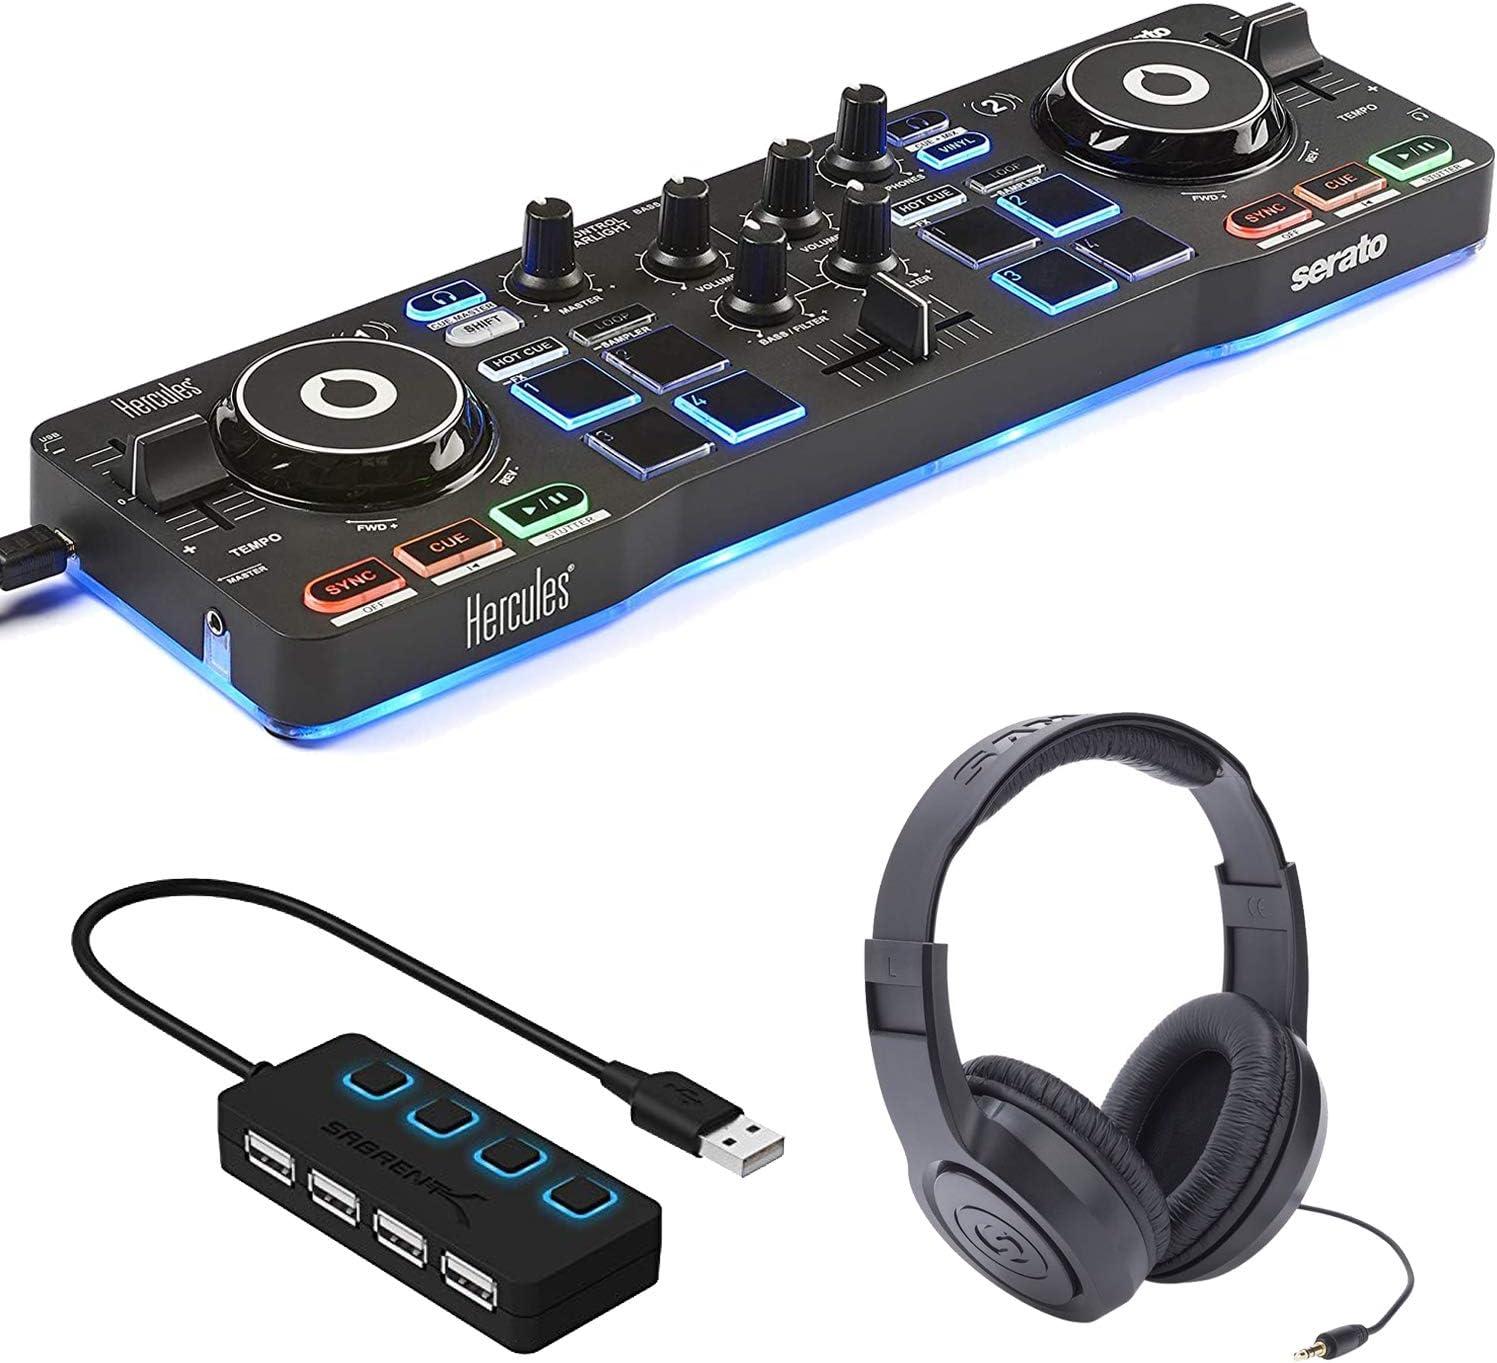 헤라클레스 DJ 제어 별빛-SERATO DJ LITE+4 포트 USB 허브가있는 DJ 소프트웨어 컨트롤러